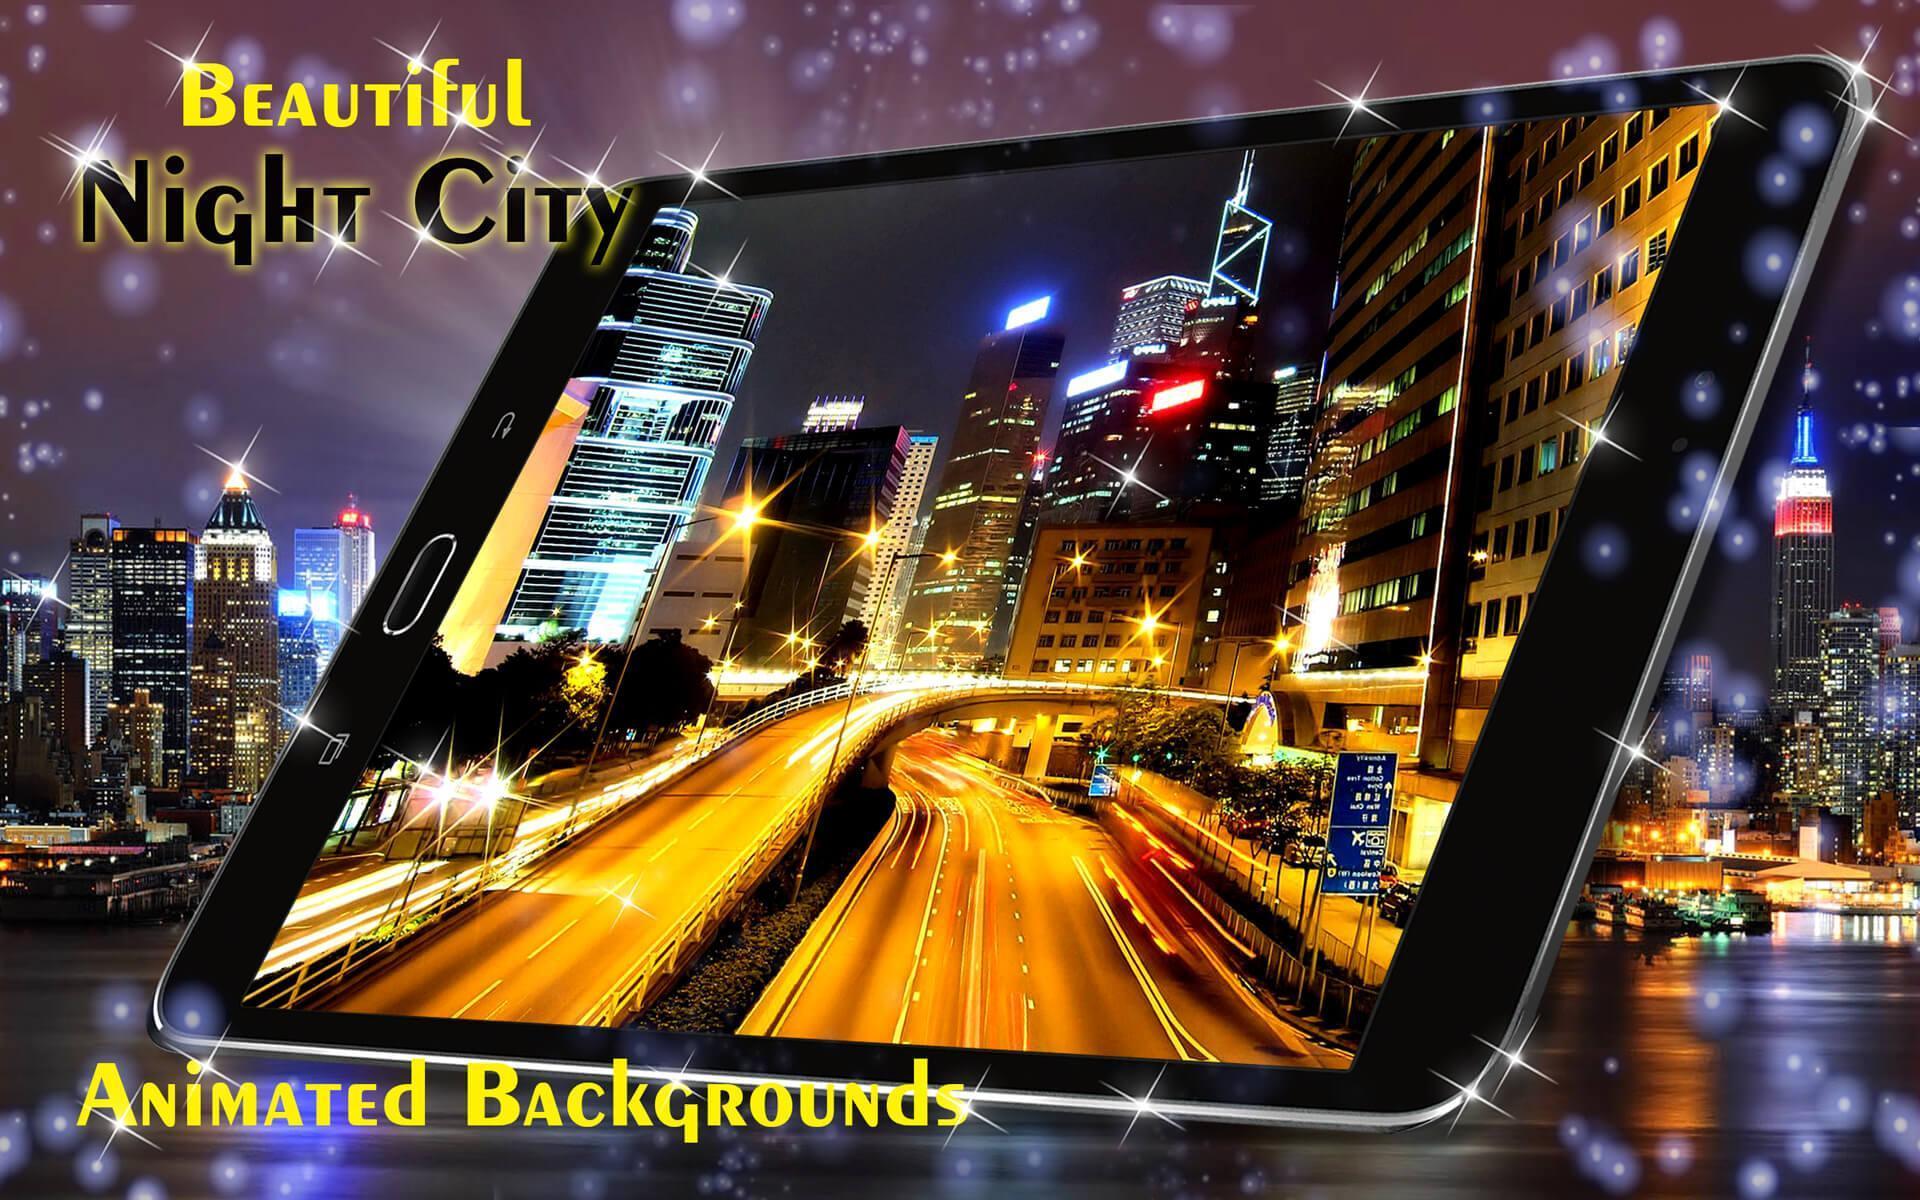 Download 56 Background Keren Kota HD Paling Keren